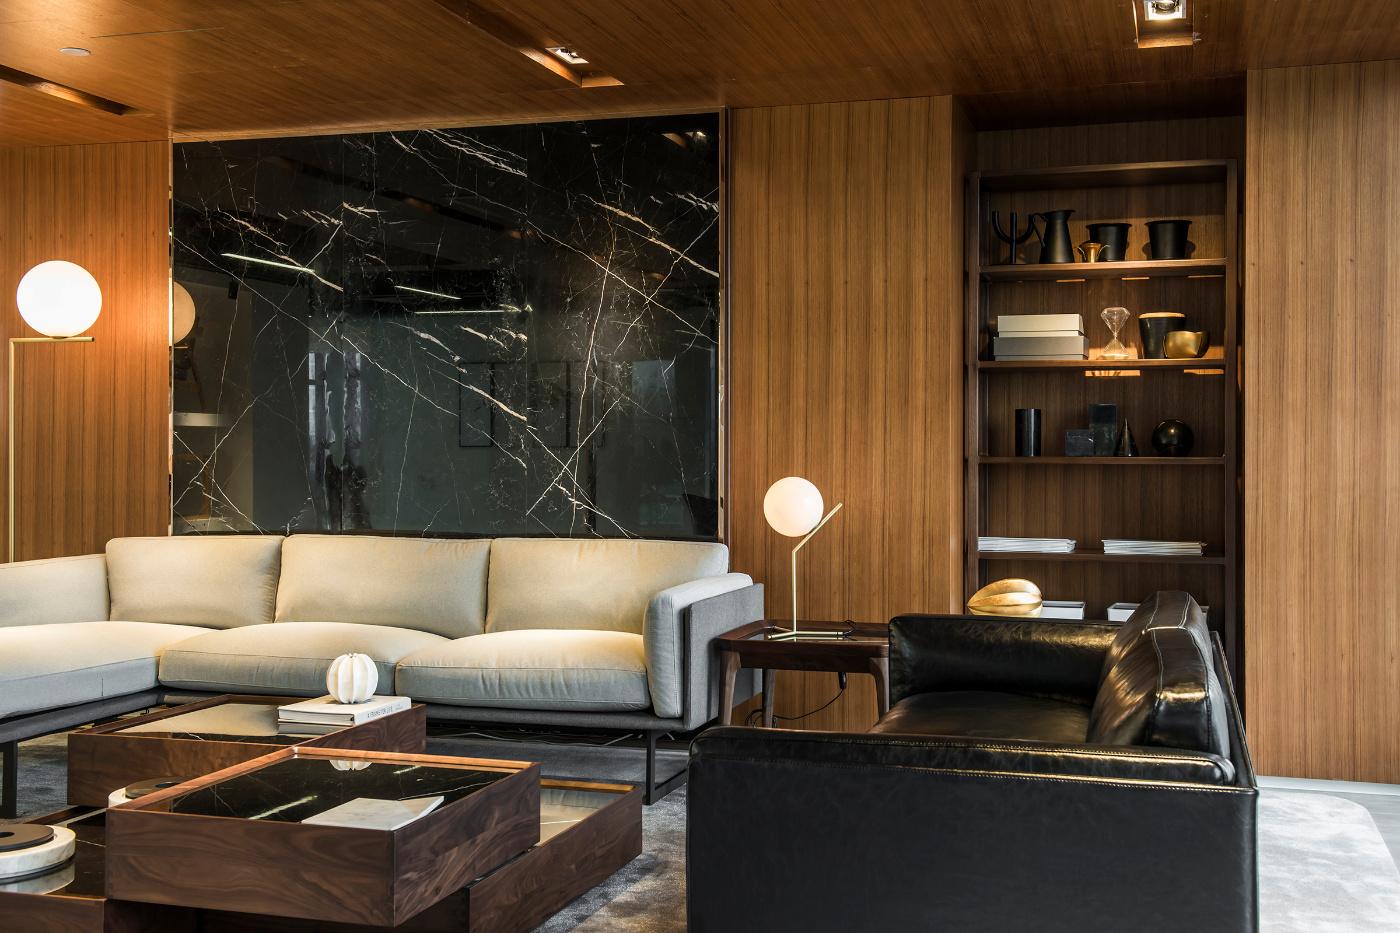 美璟展厅空间装修沙发背景墙效果图